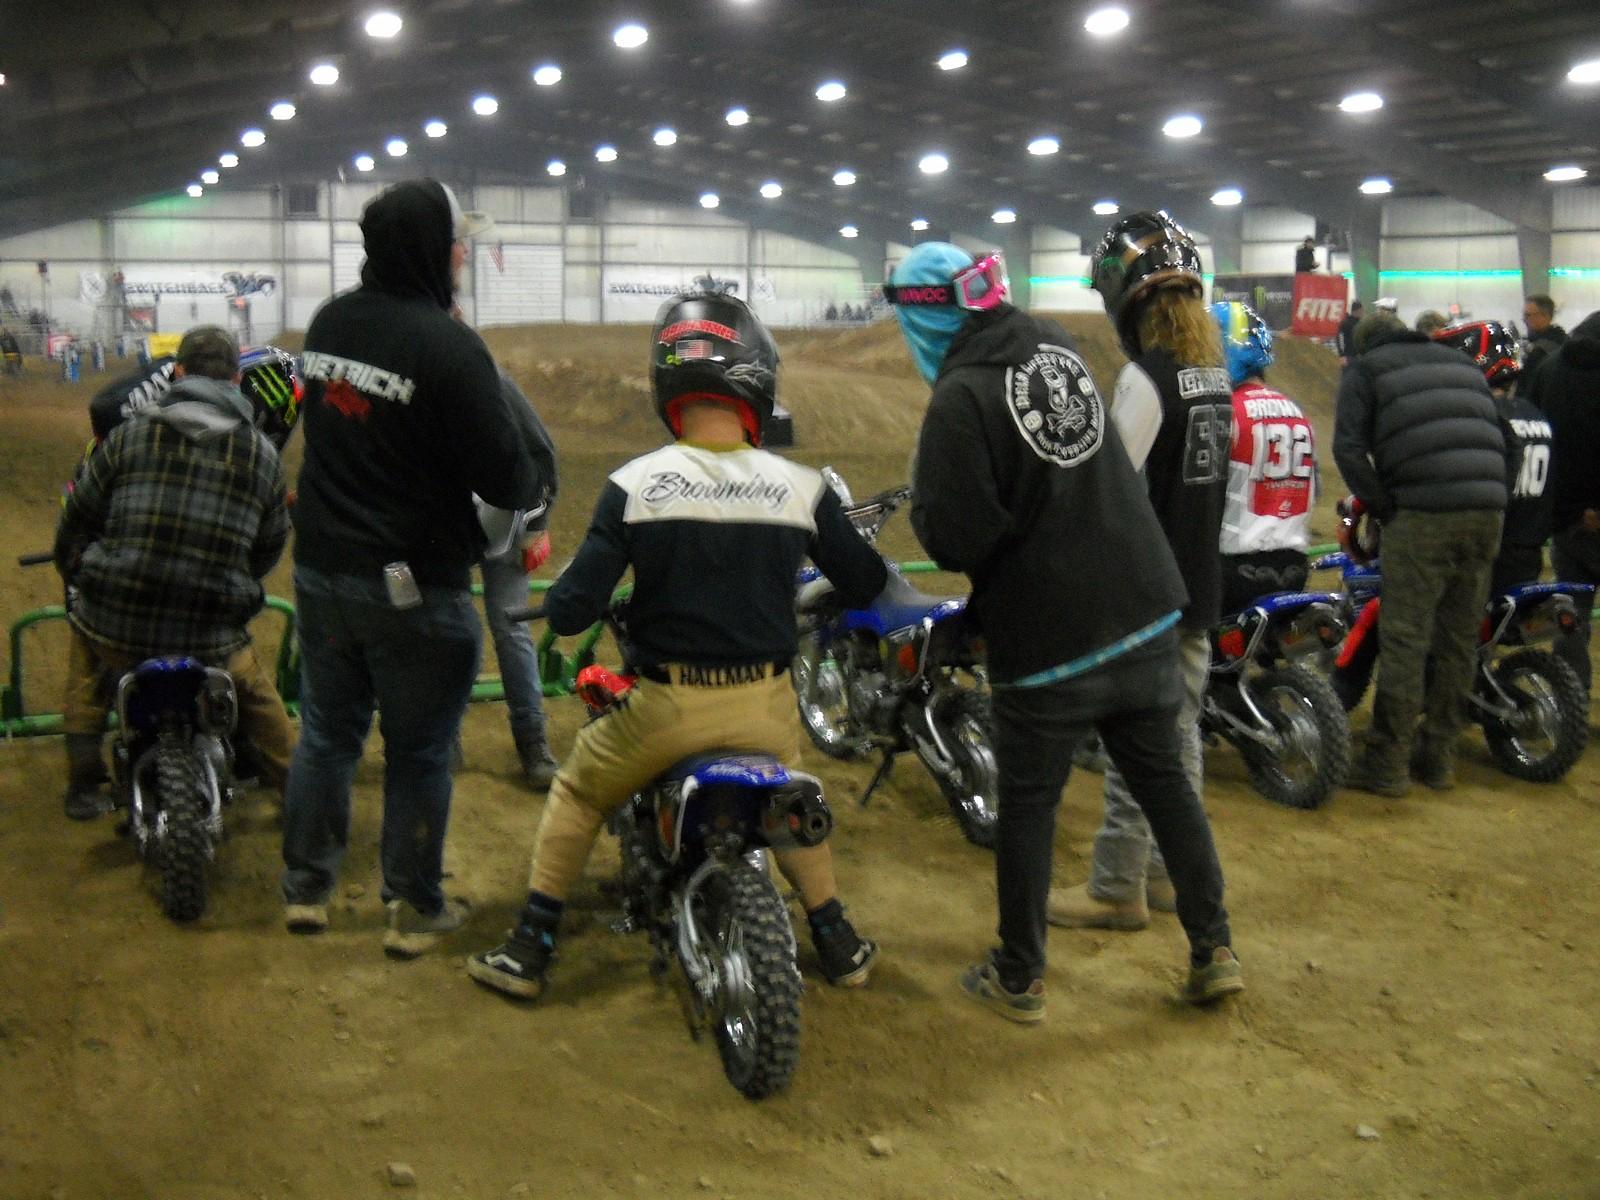 DSCN0027 - motoclown - Motocross Pictures - Vital MX